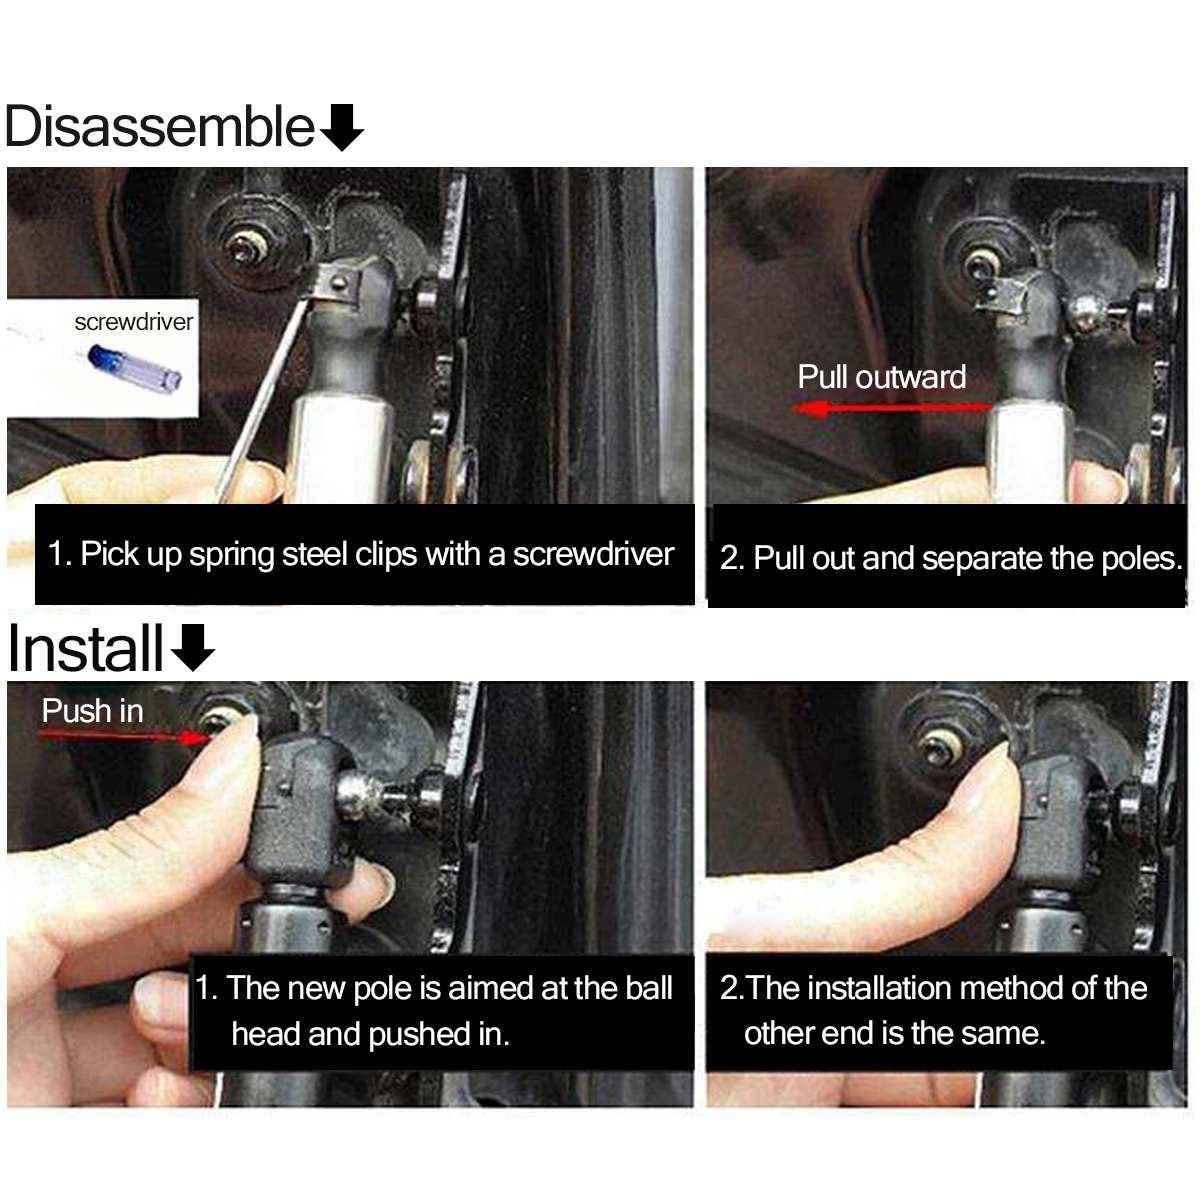 Amortiguador de gas Cap/ó trasero Compuerta trasera Amortiguadores de gas Levantadores de soporte de resorte for Boxster 97-04 98651295100